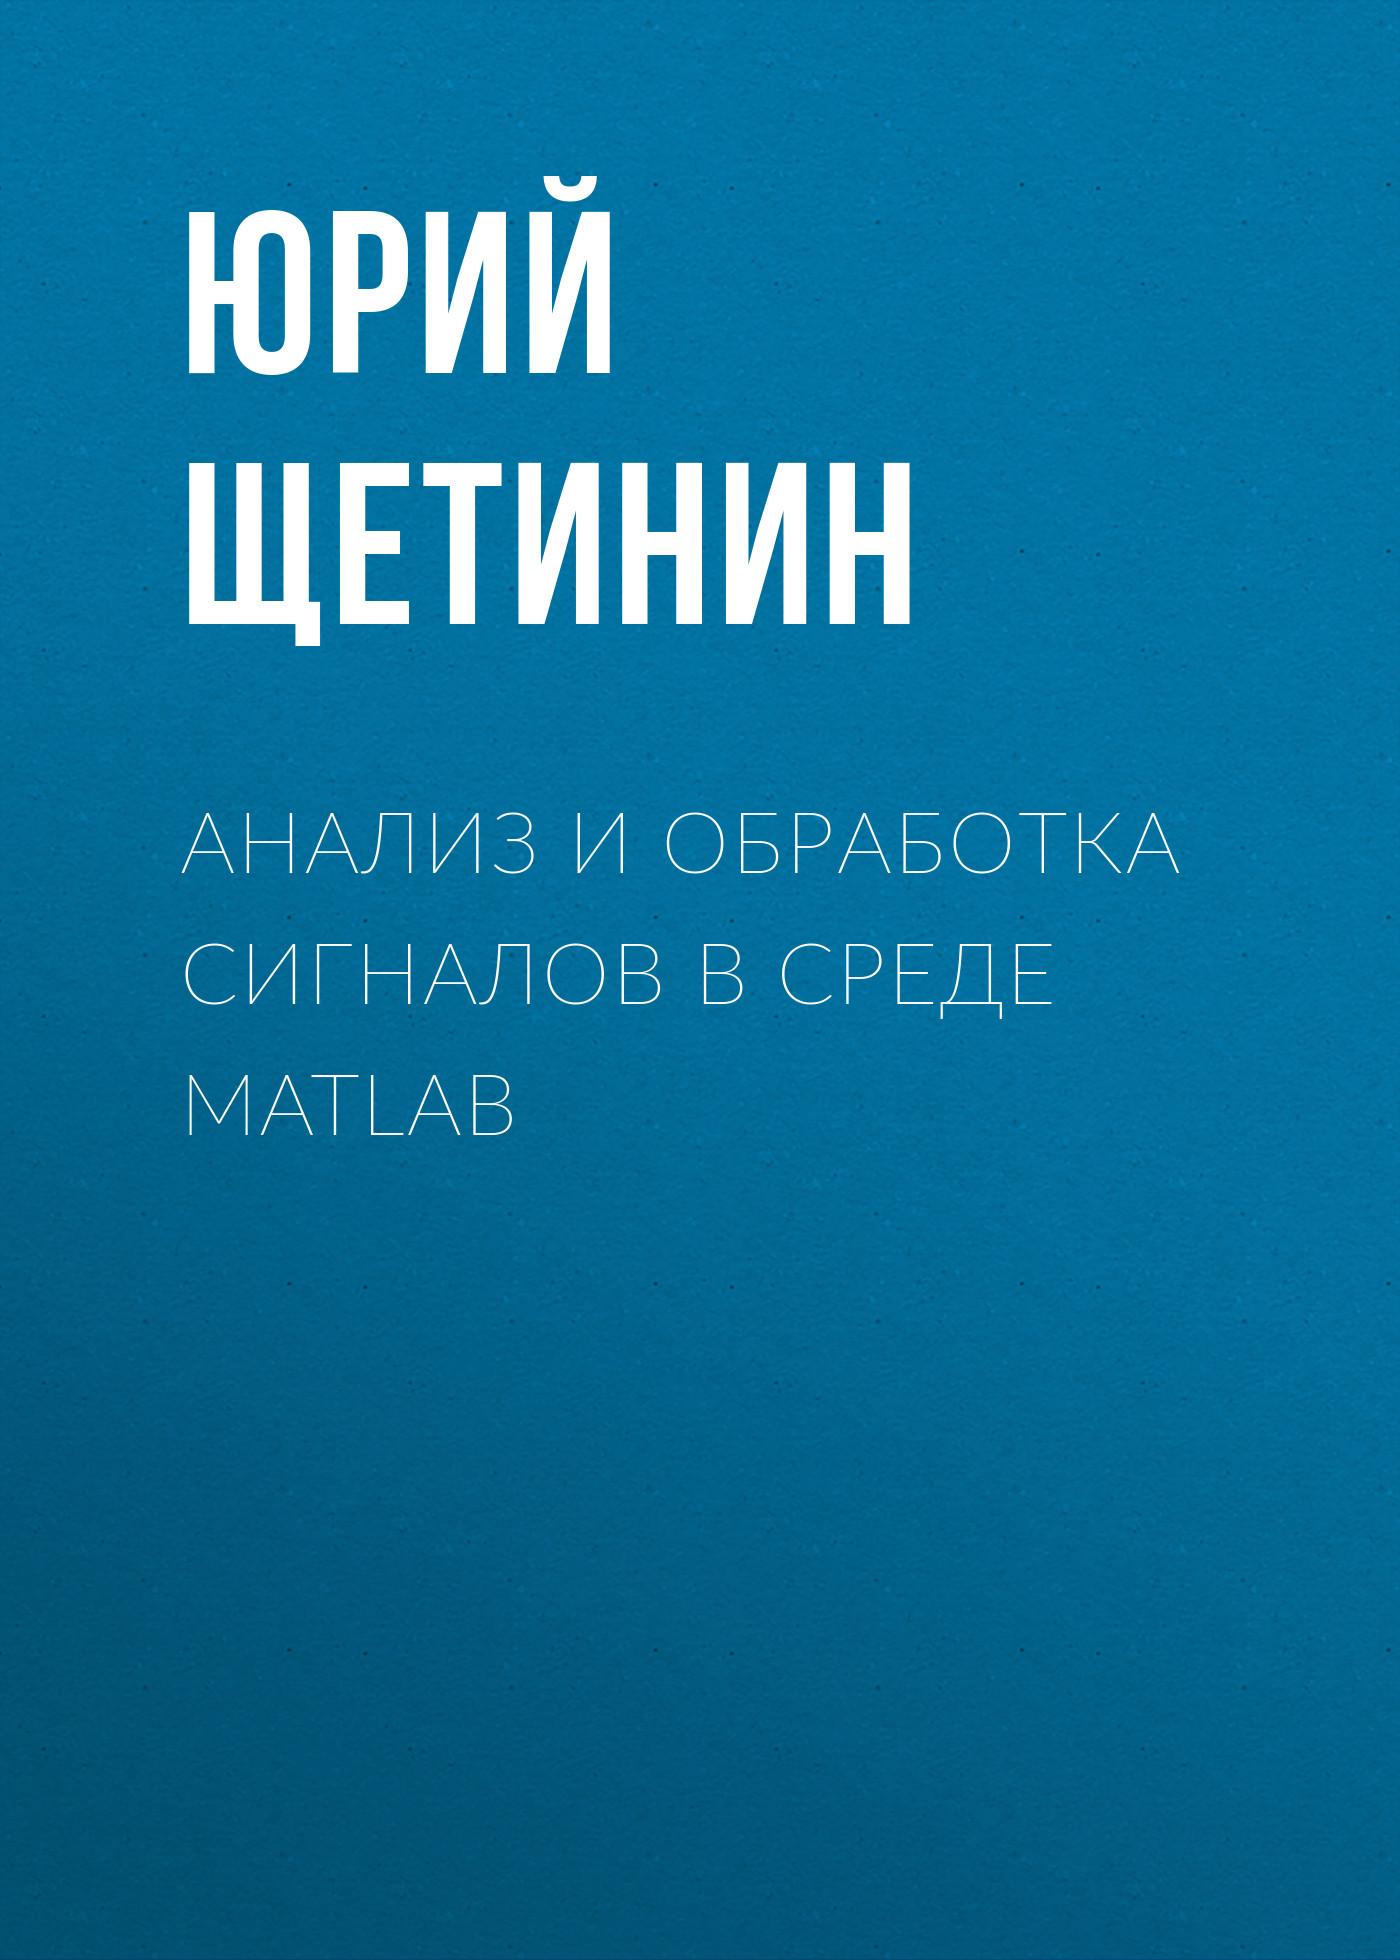 Юрий Щетинин Анализ и обработка сигналов в среде MATLAB юрий щетинин анализ и обработка сигналов в среде matlab